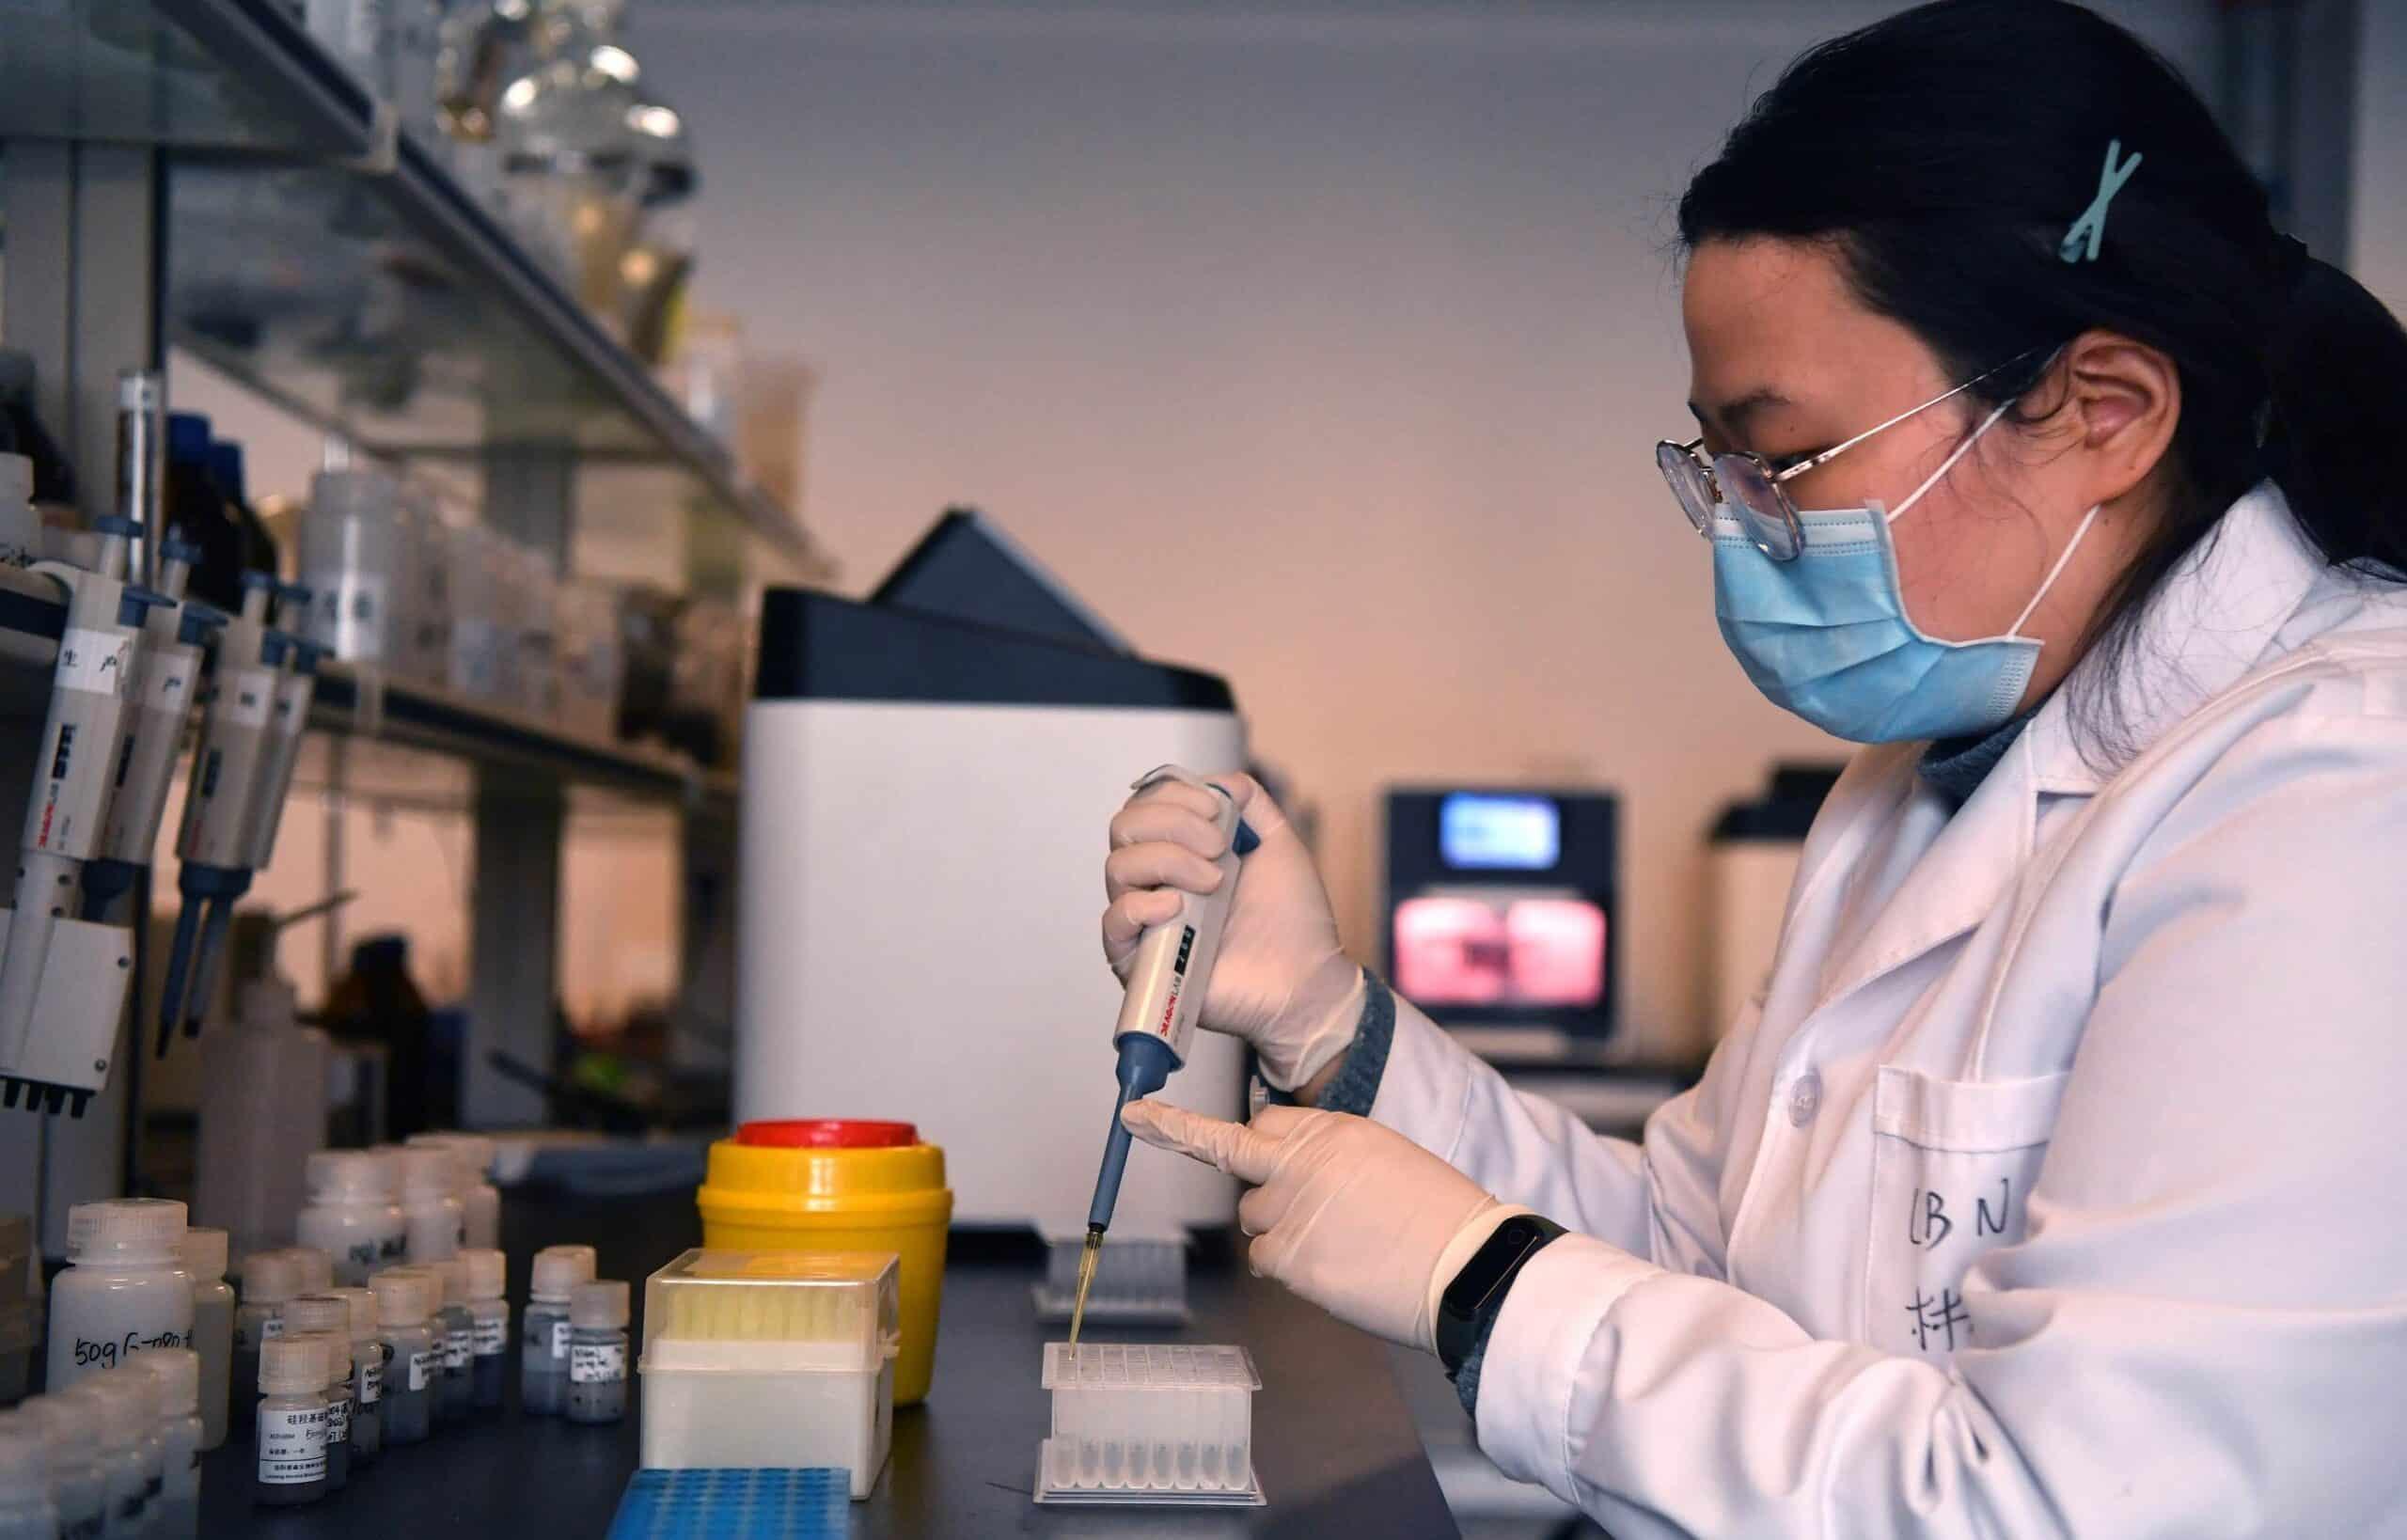 """السلطات الصينية تعلن توصلها لعلاج لـ""""كورونا"""".. سيجري توزيعه مجاناً خلال ساعات ومن هنا تسرب الفيروس"""